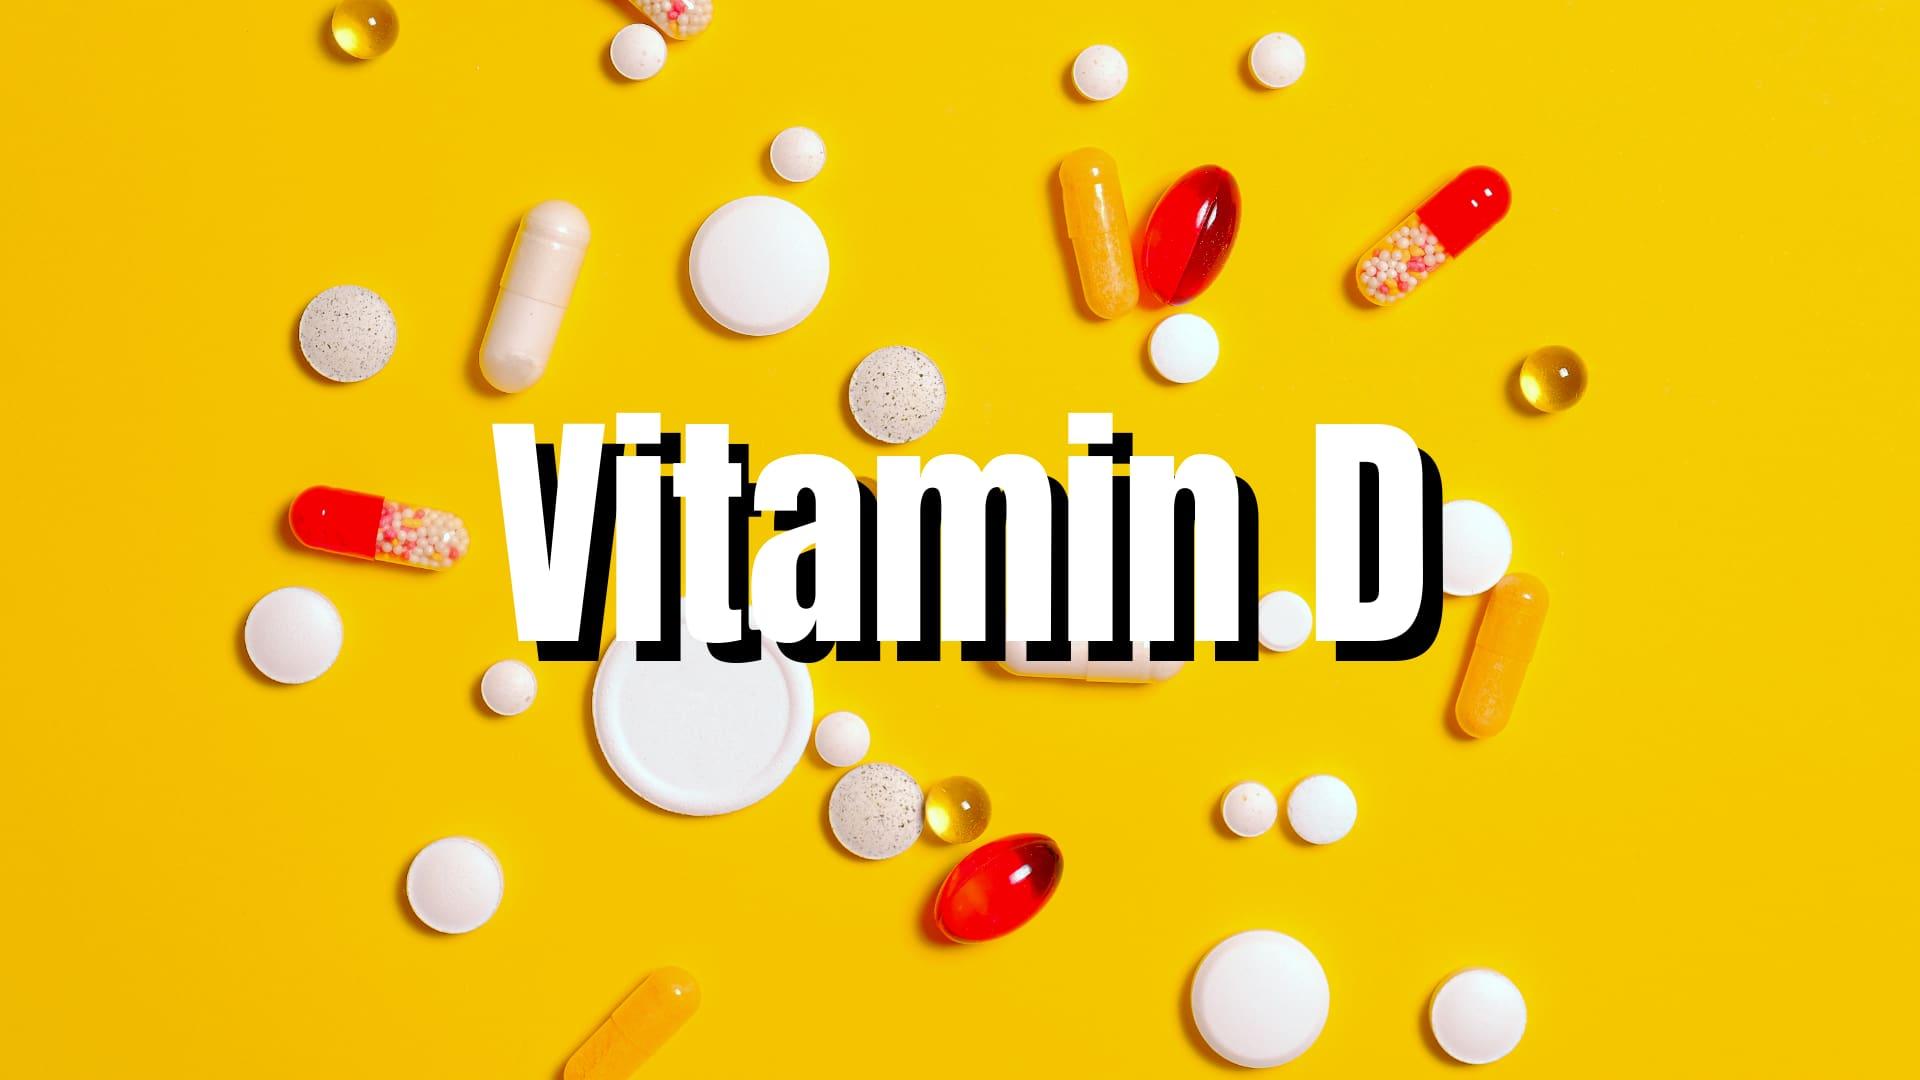 ビタミンDとは?